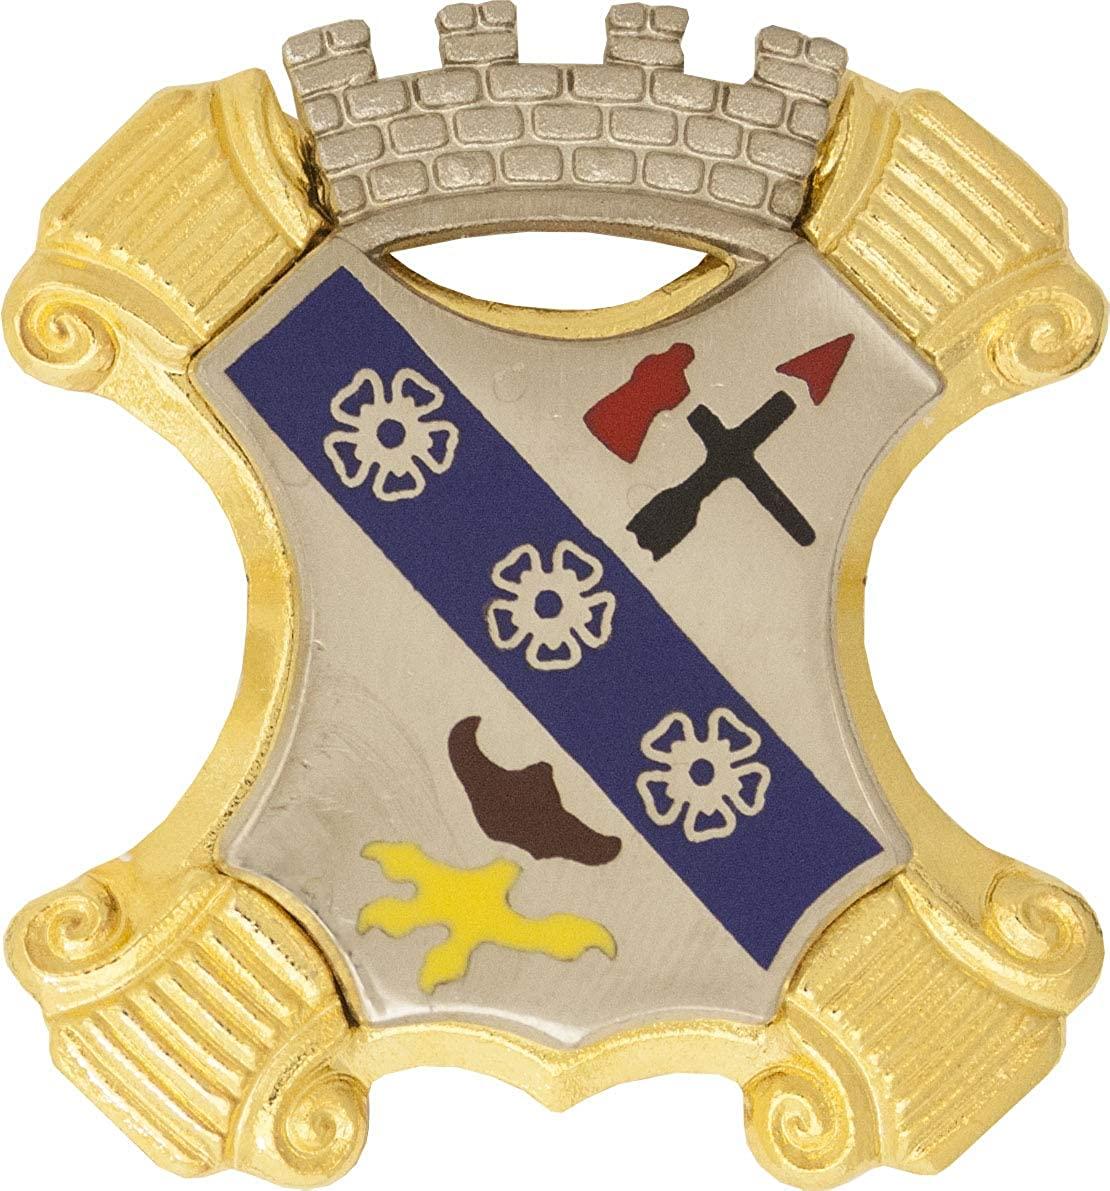 8th Infantry Regiment Unit Crest (No Motto)